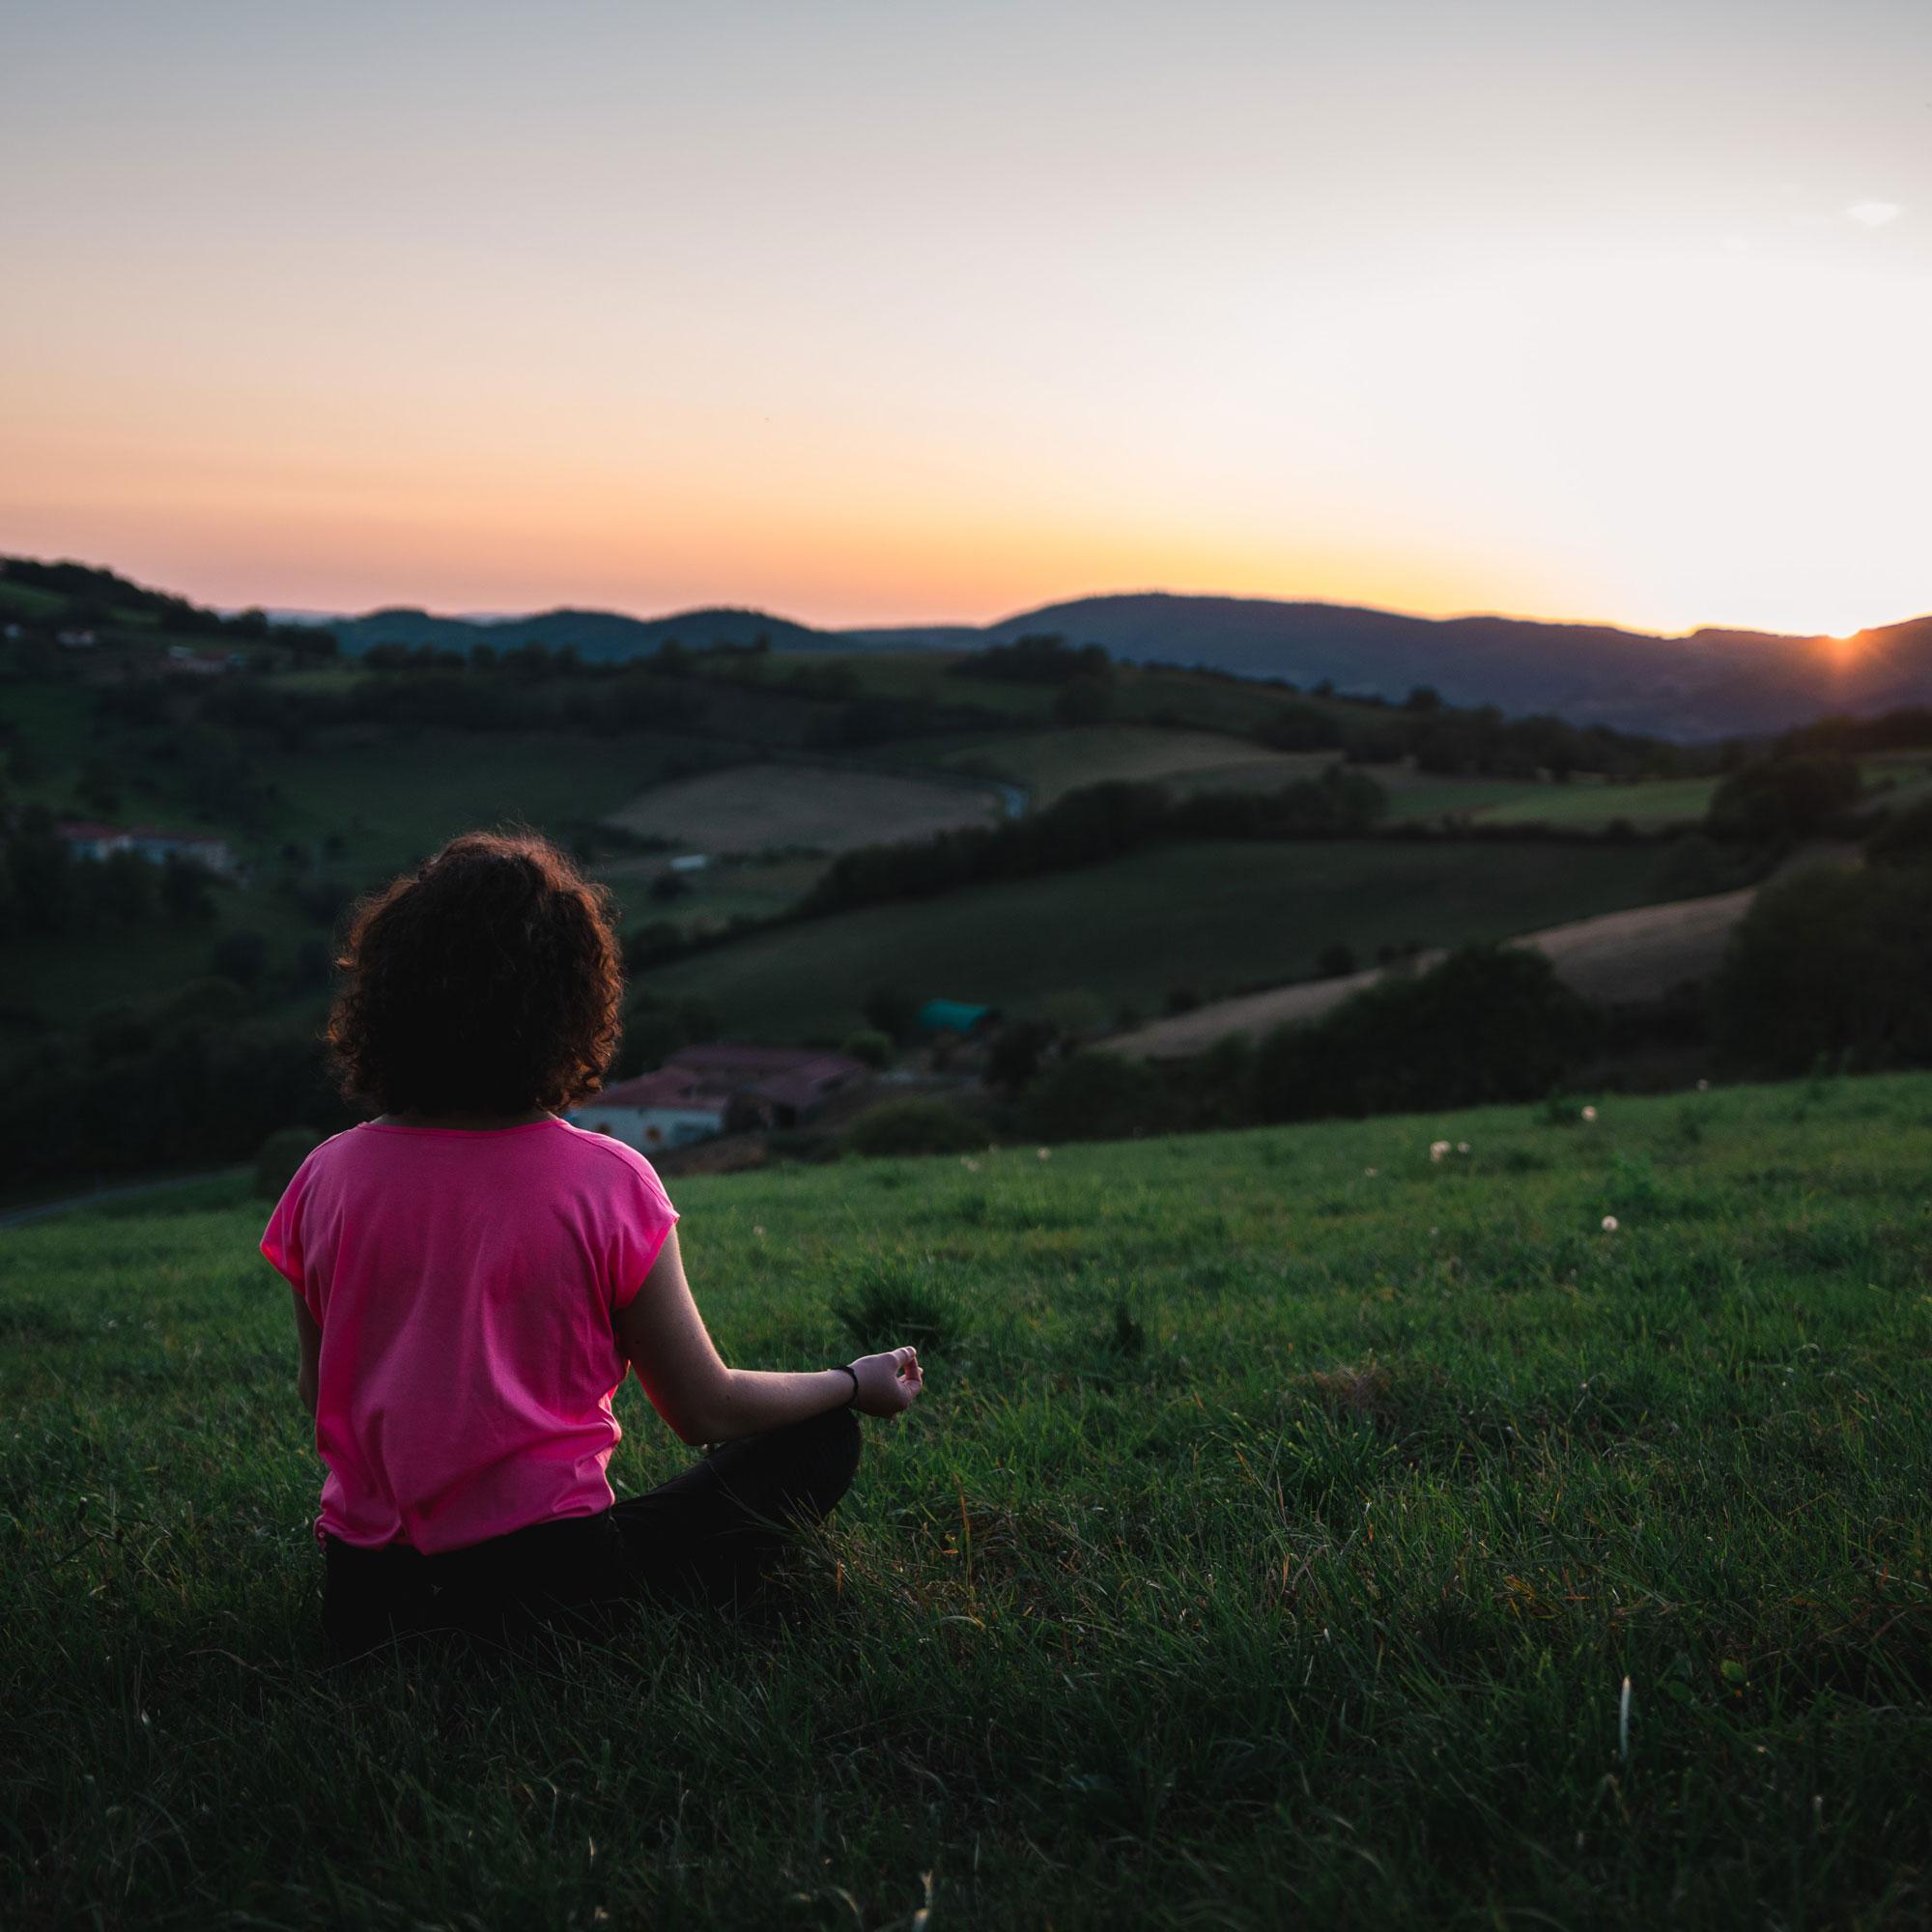 woman-meditating-field-hills